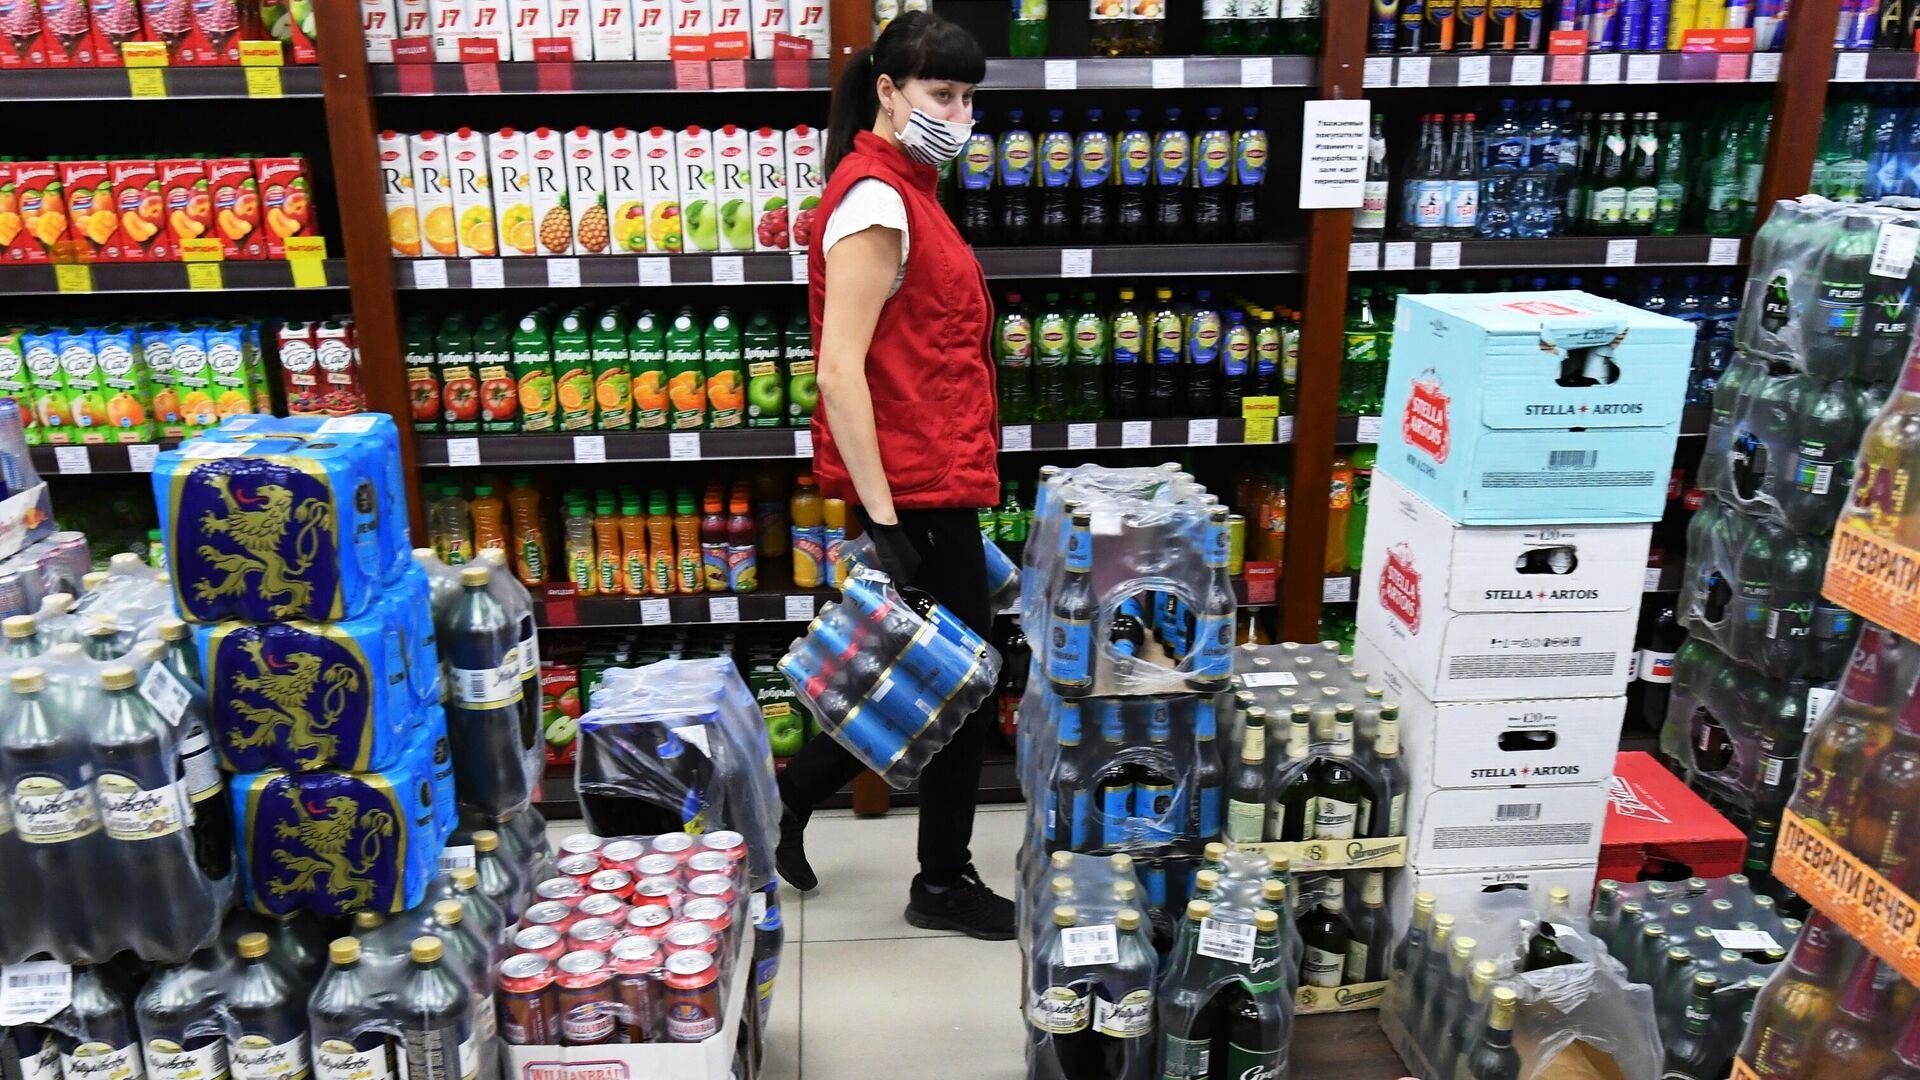 Алкогольная продукция в винно-водочном магазине в Красноярске - РИА Новости, 1920, 12.03.2021